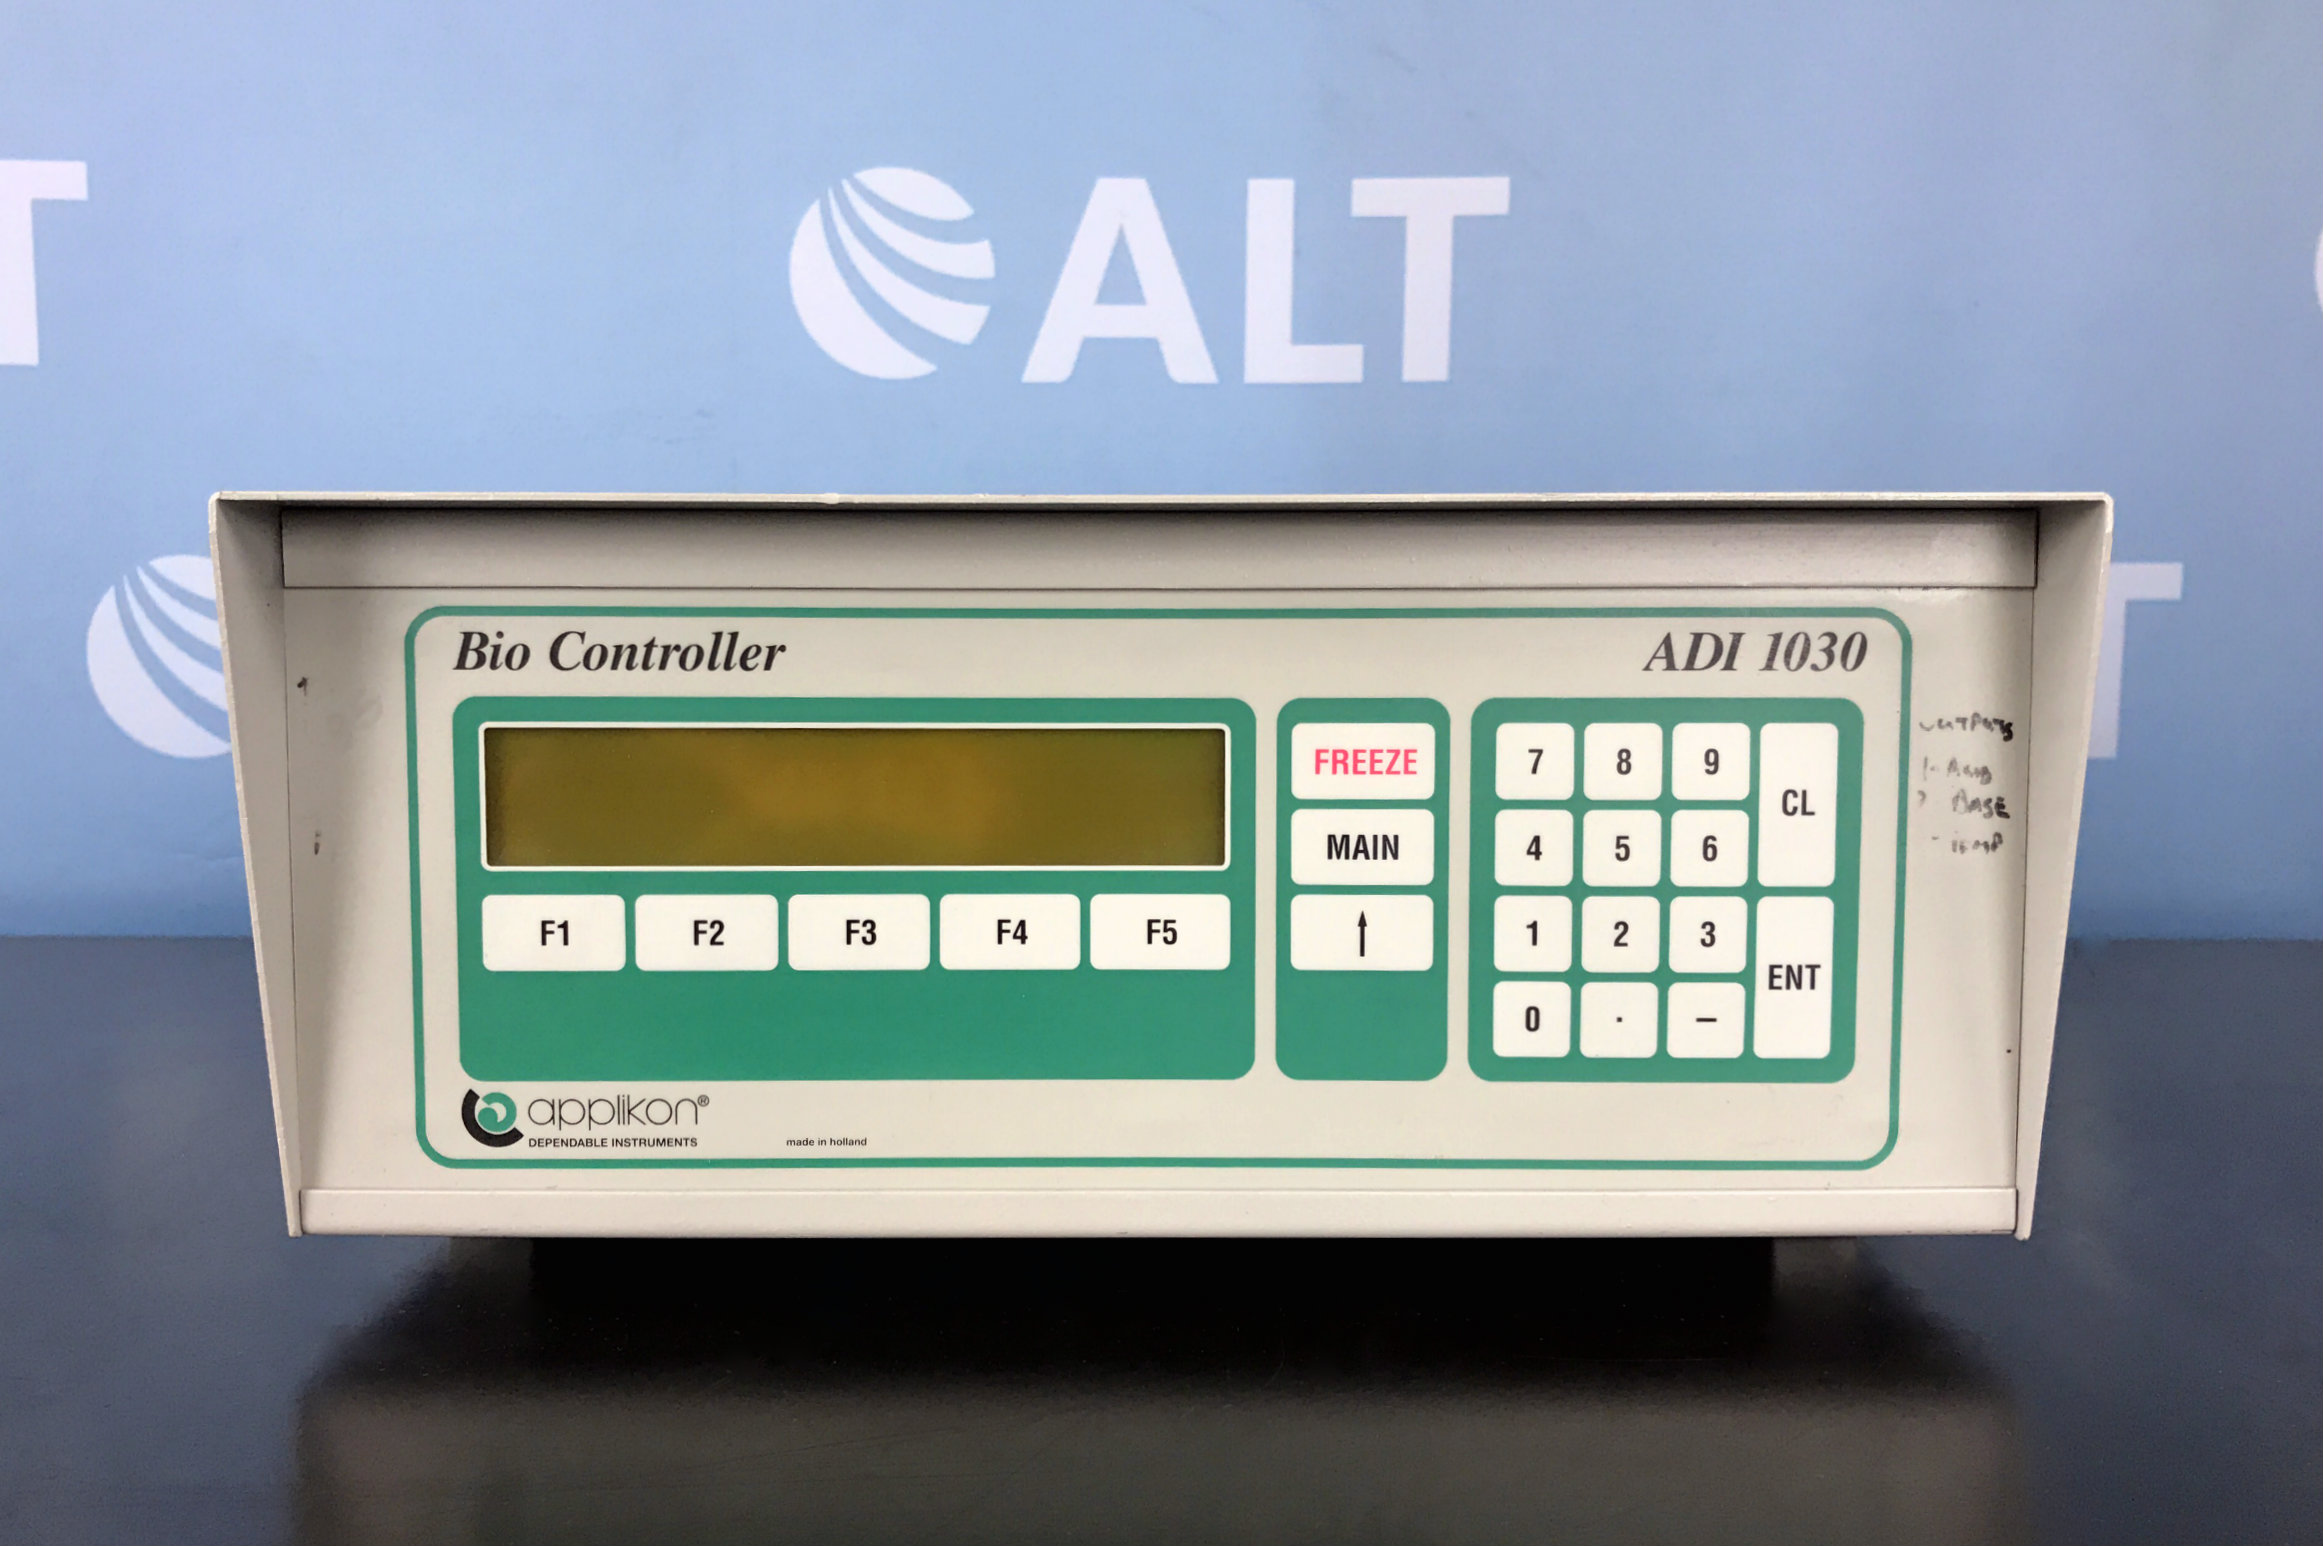 Applikon Biotechnology ADI 1030 Bio Controller Image